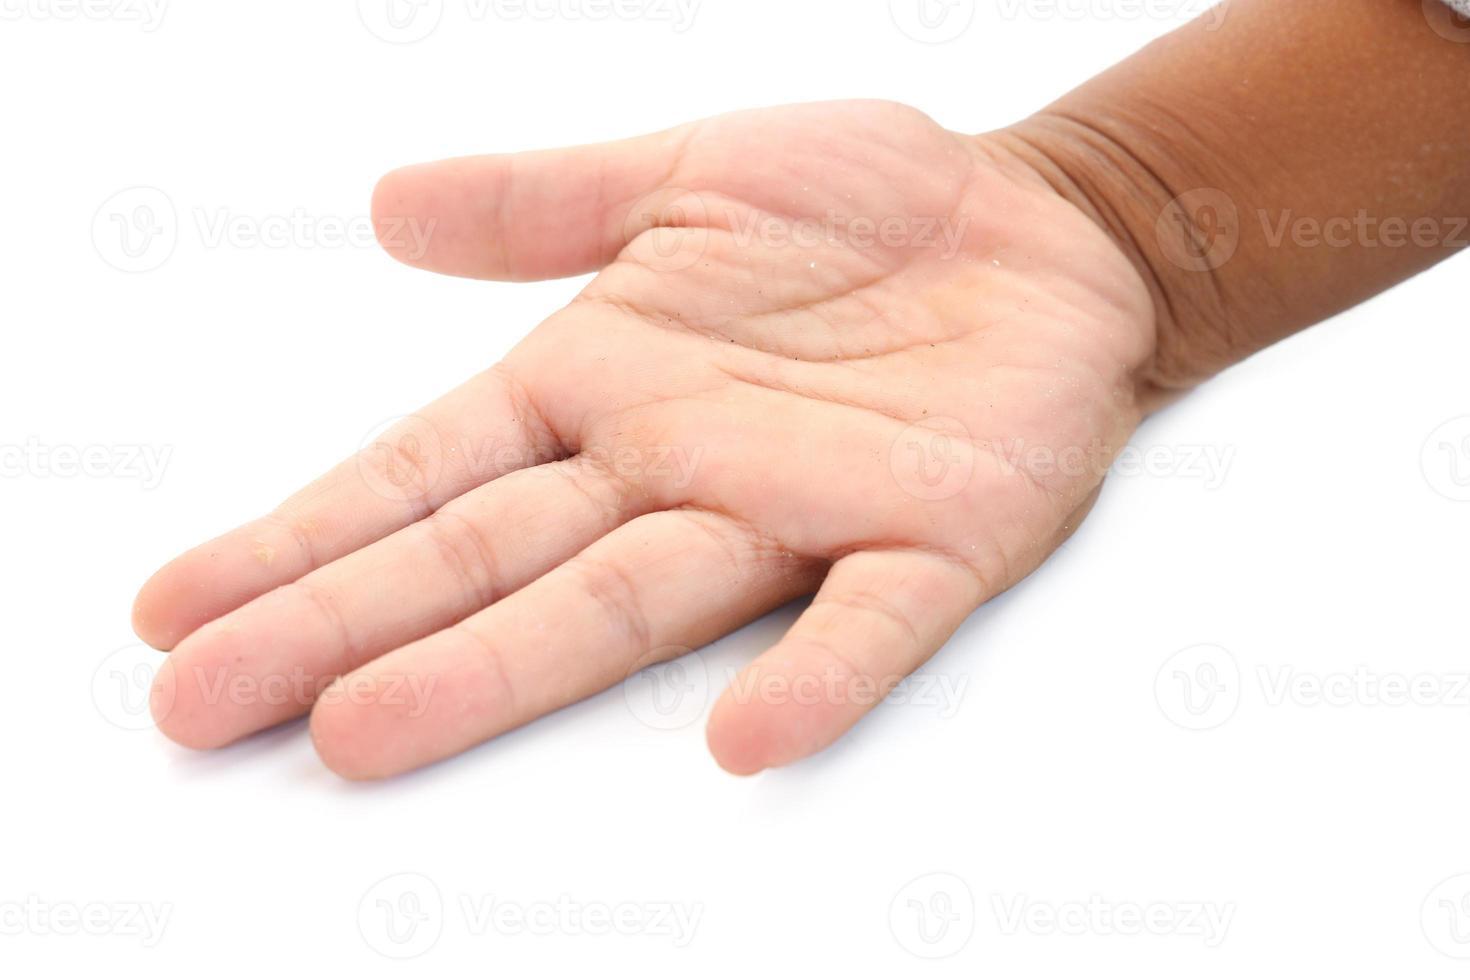 kleine Hand foto